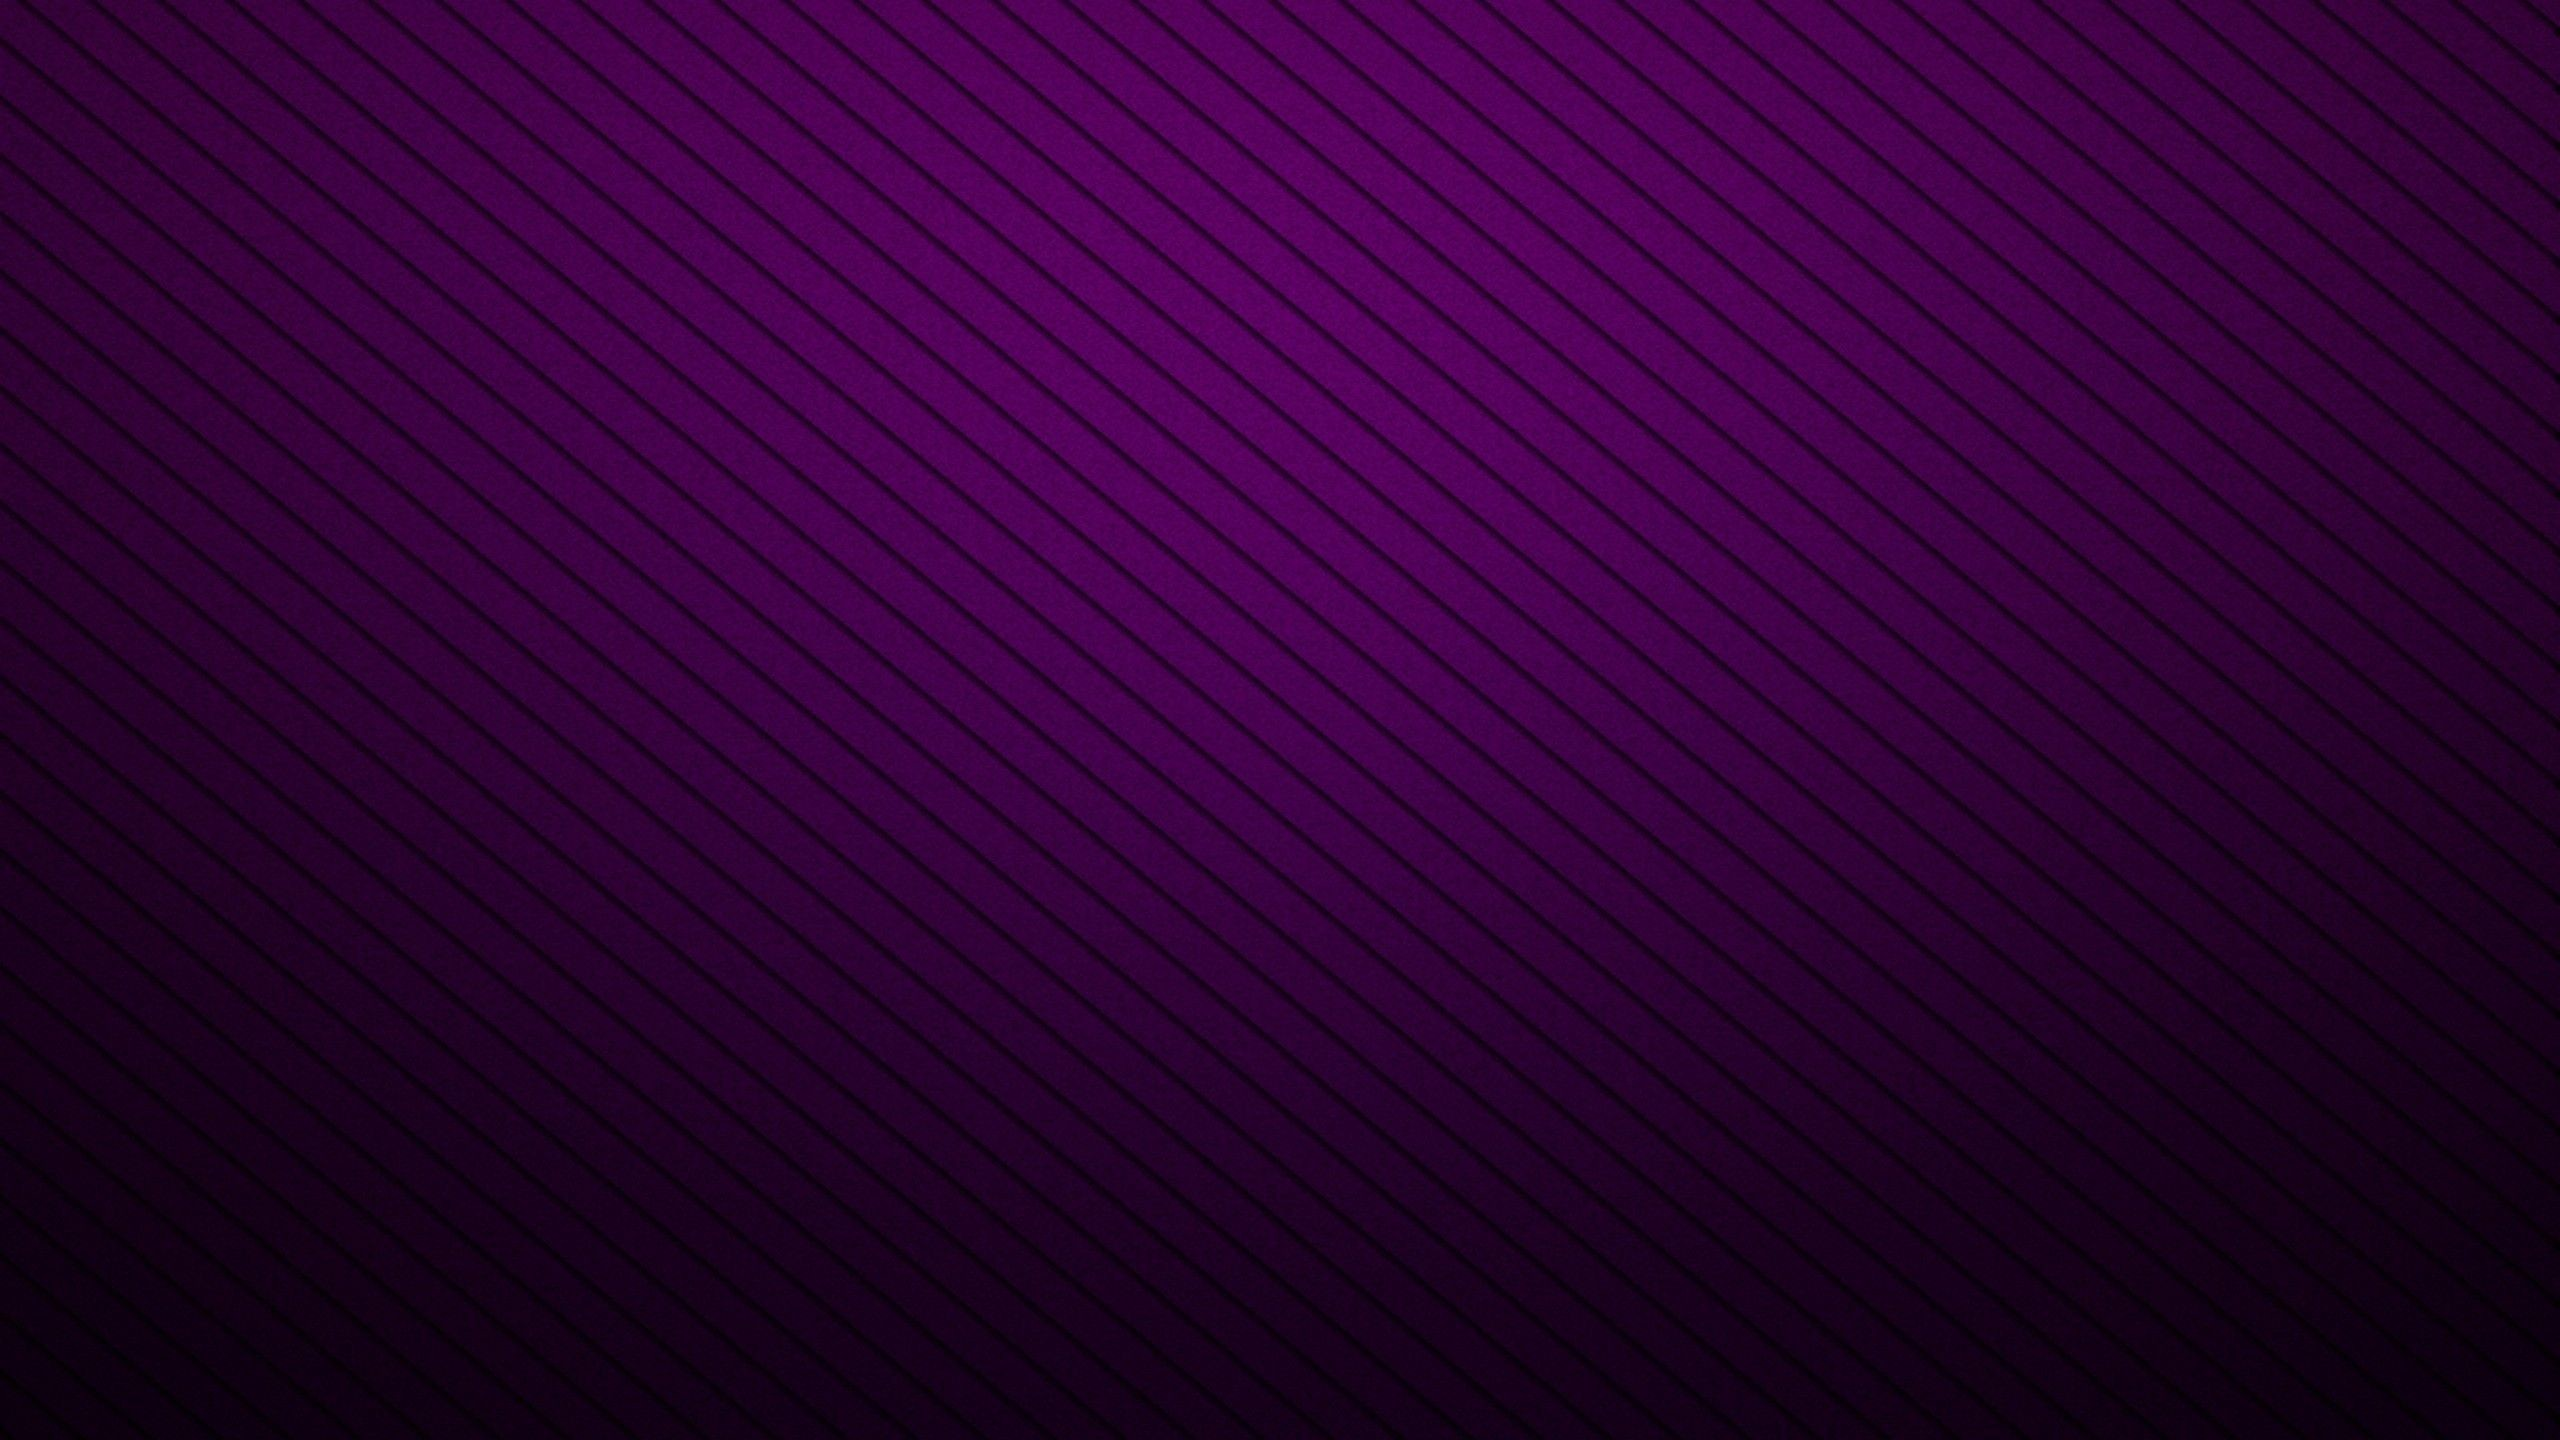 Simple-Purple-Wallpapers